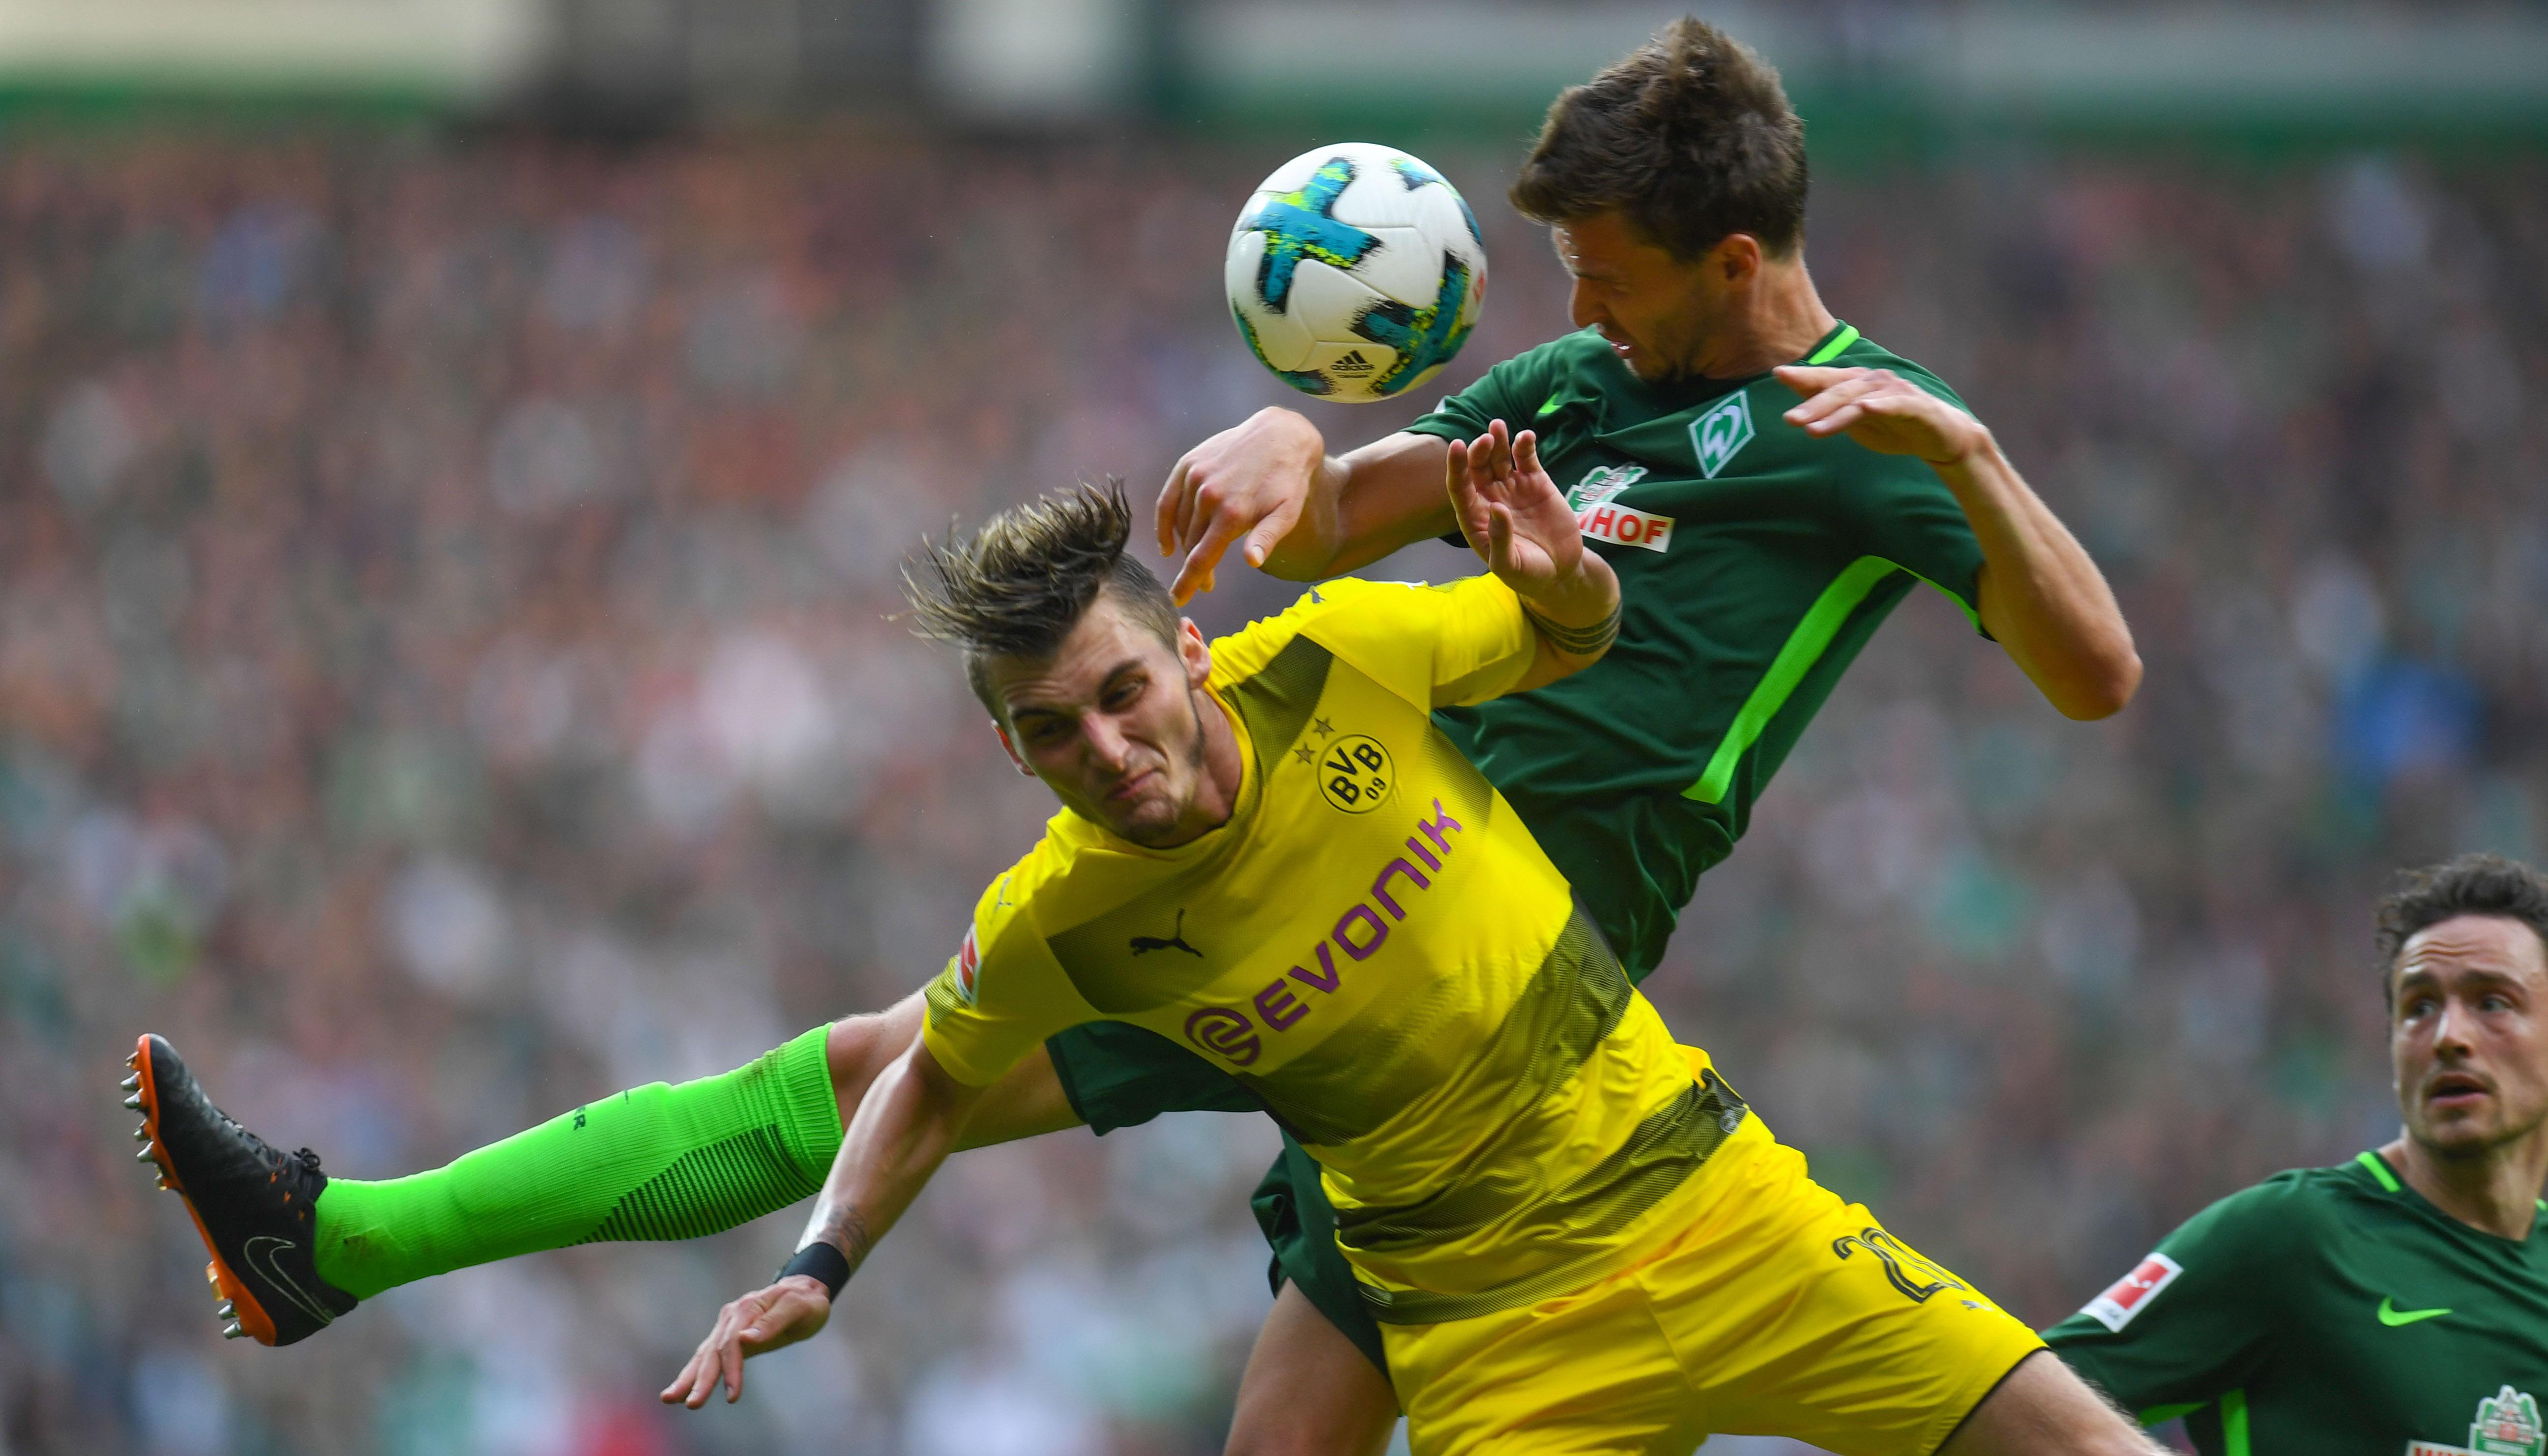 BVB – Werder Bremen: Klassiker verspricht Tore auf beiden Seiten